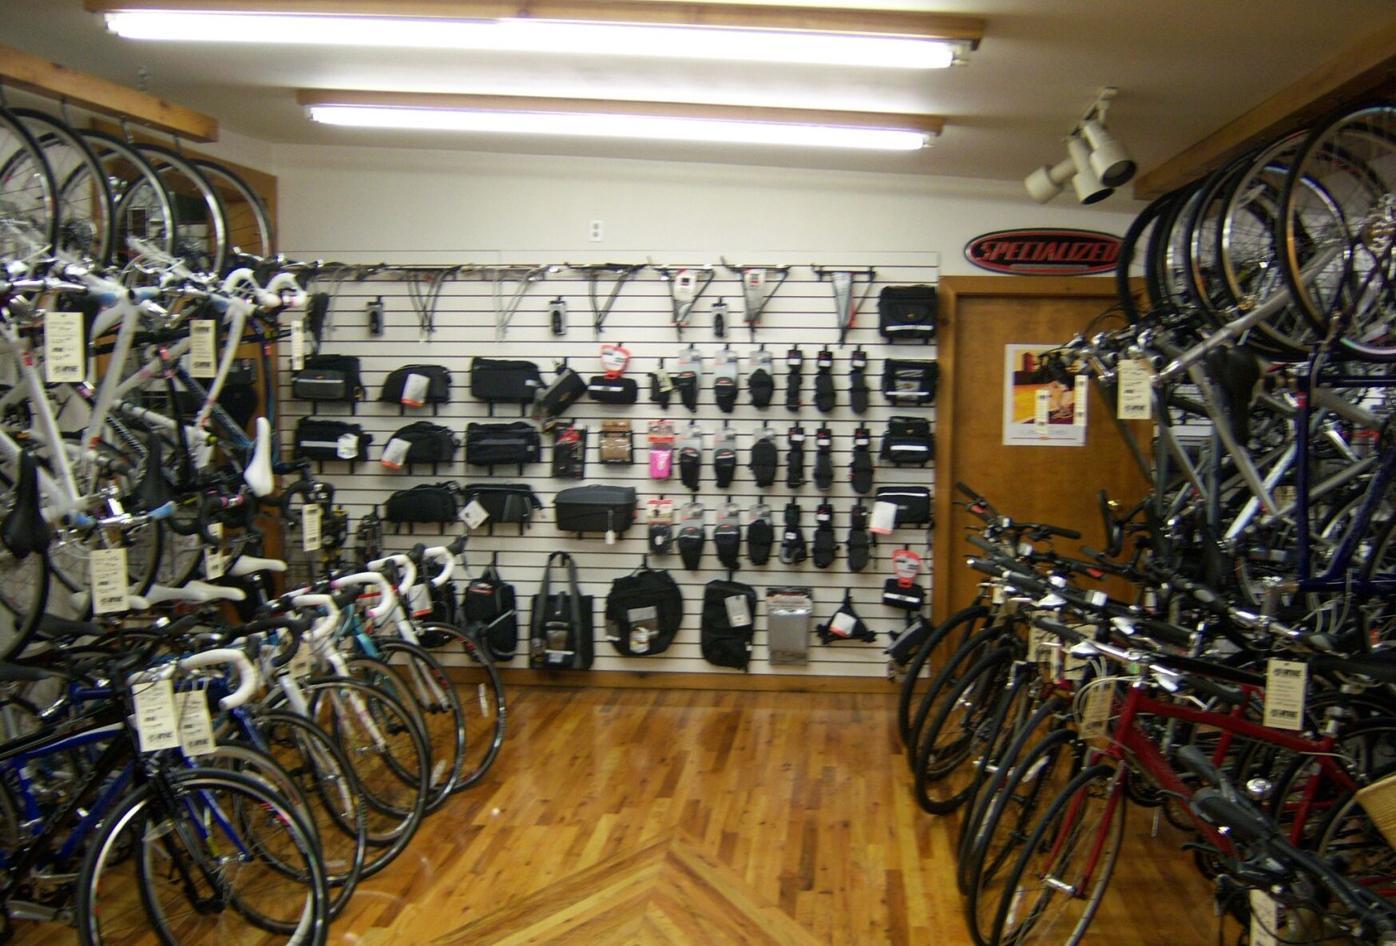 RV&E accessories and road hybrid bikes!